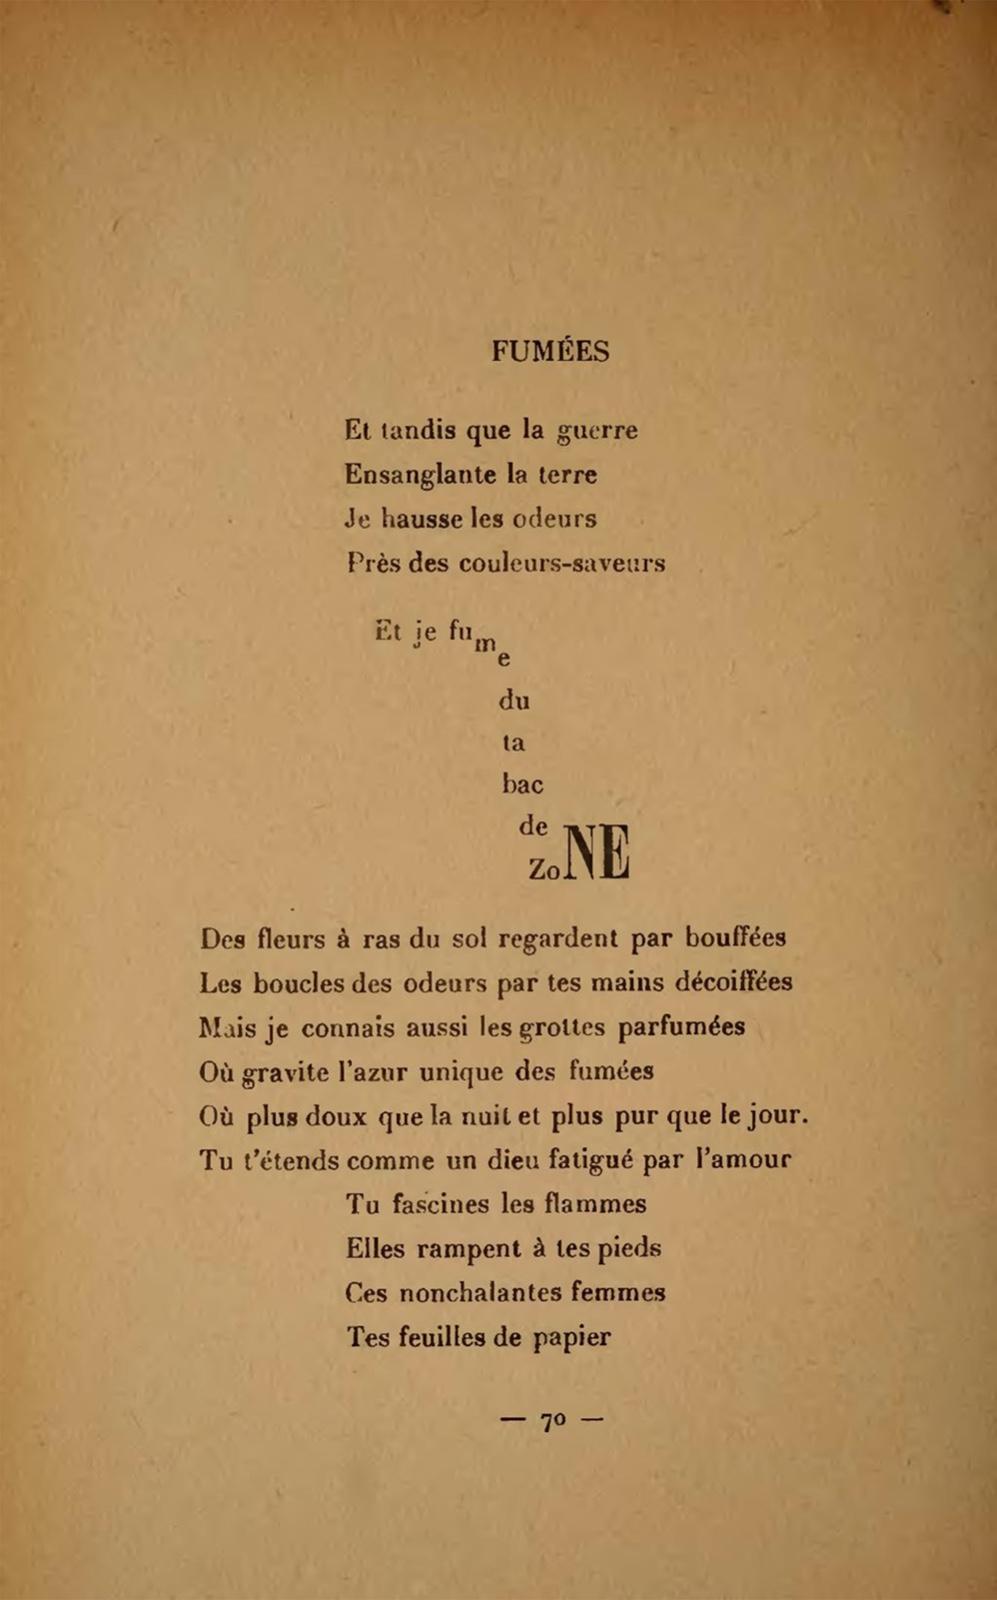 3阿波利奈尔的图像诗《烟》